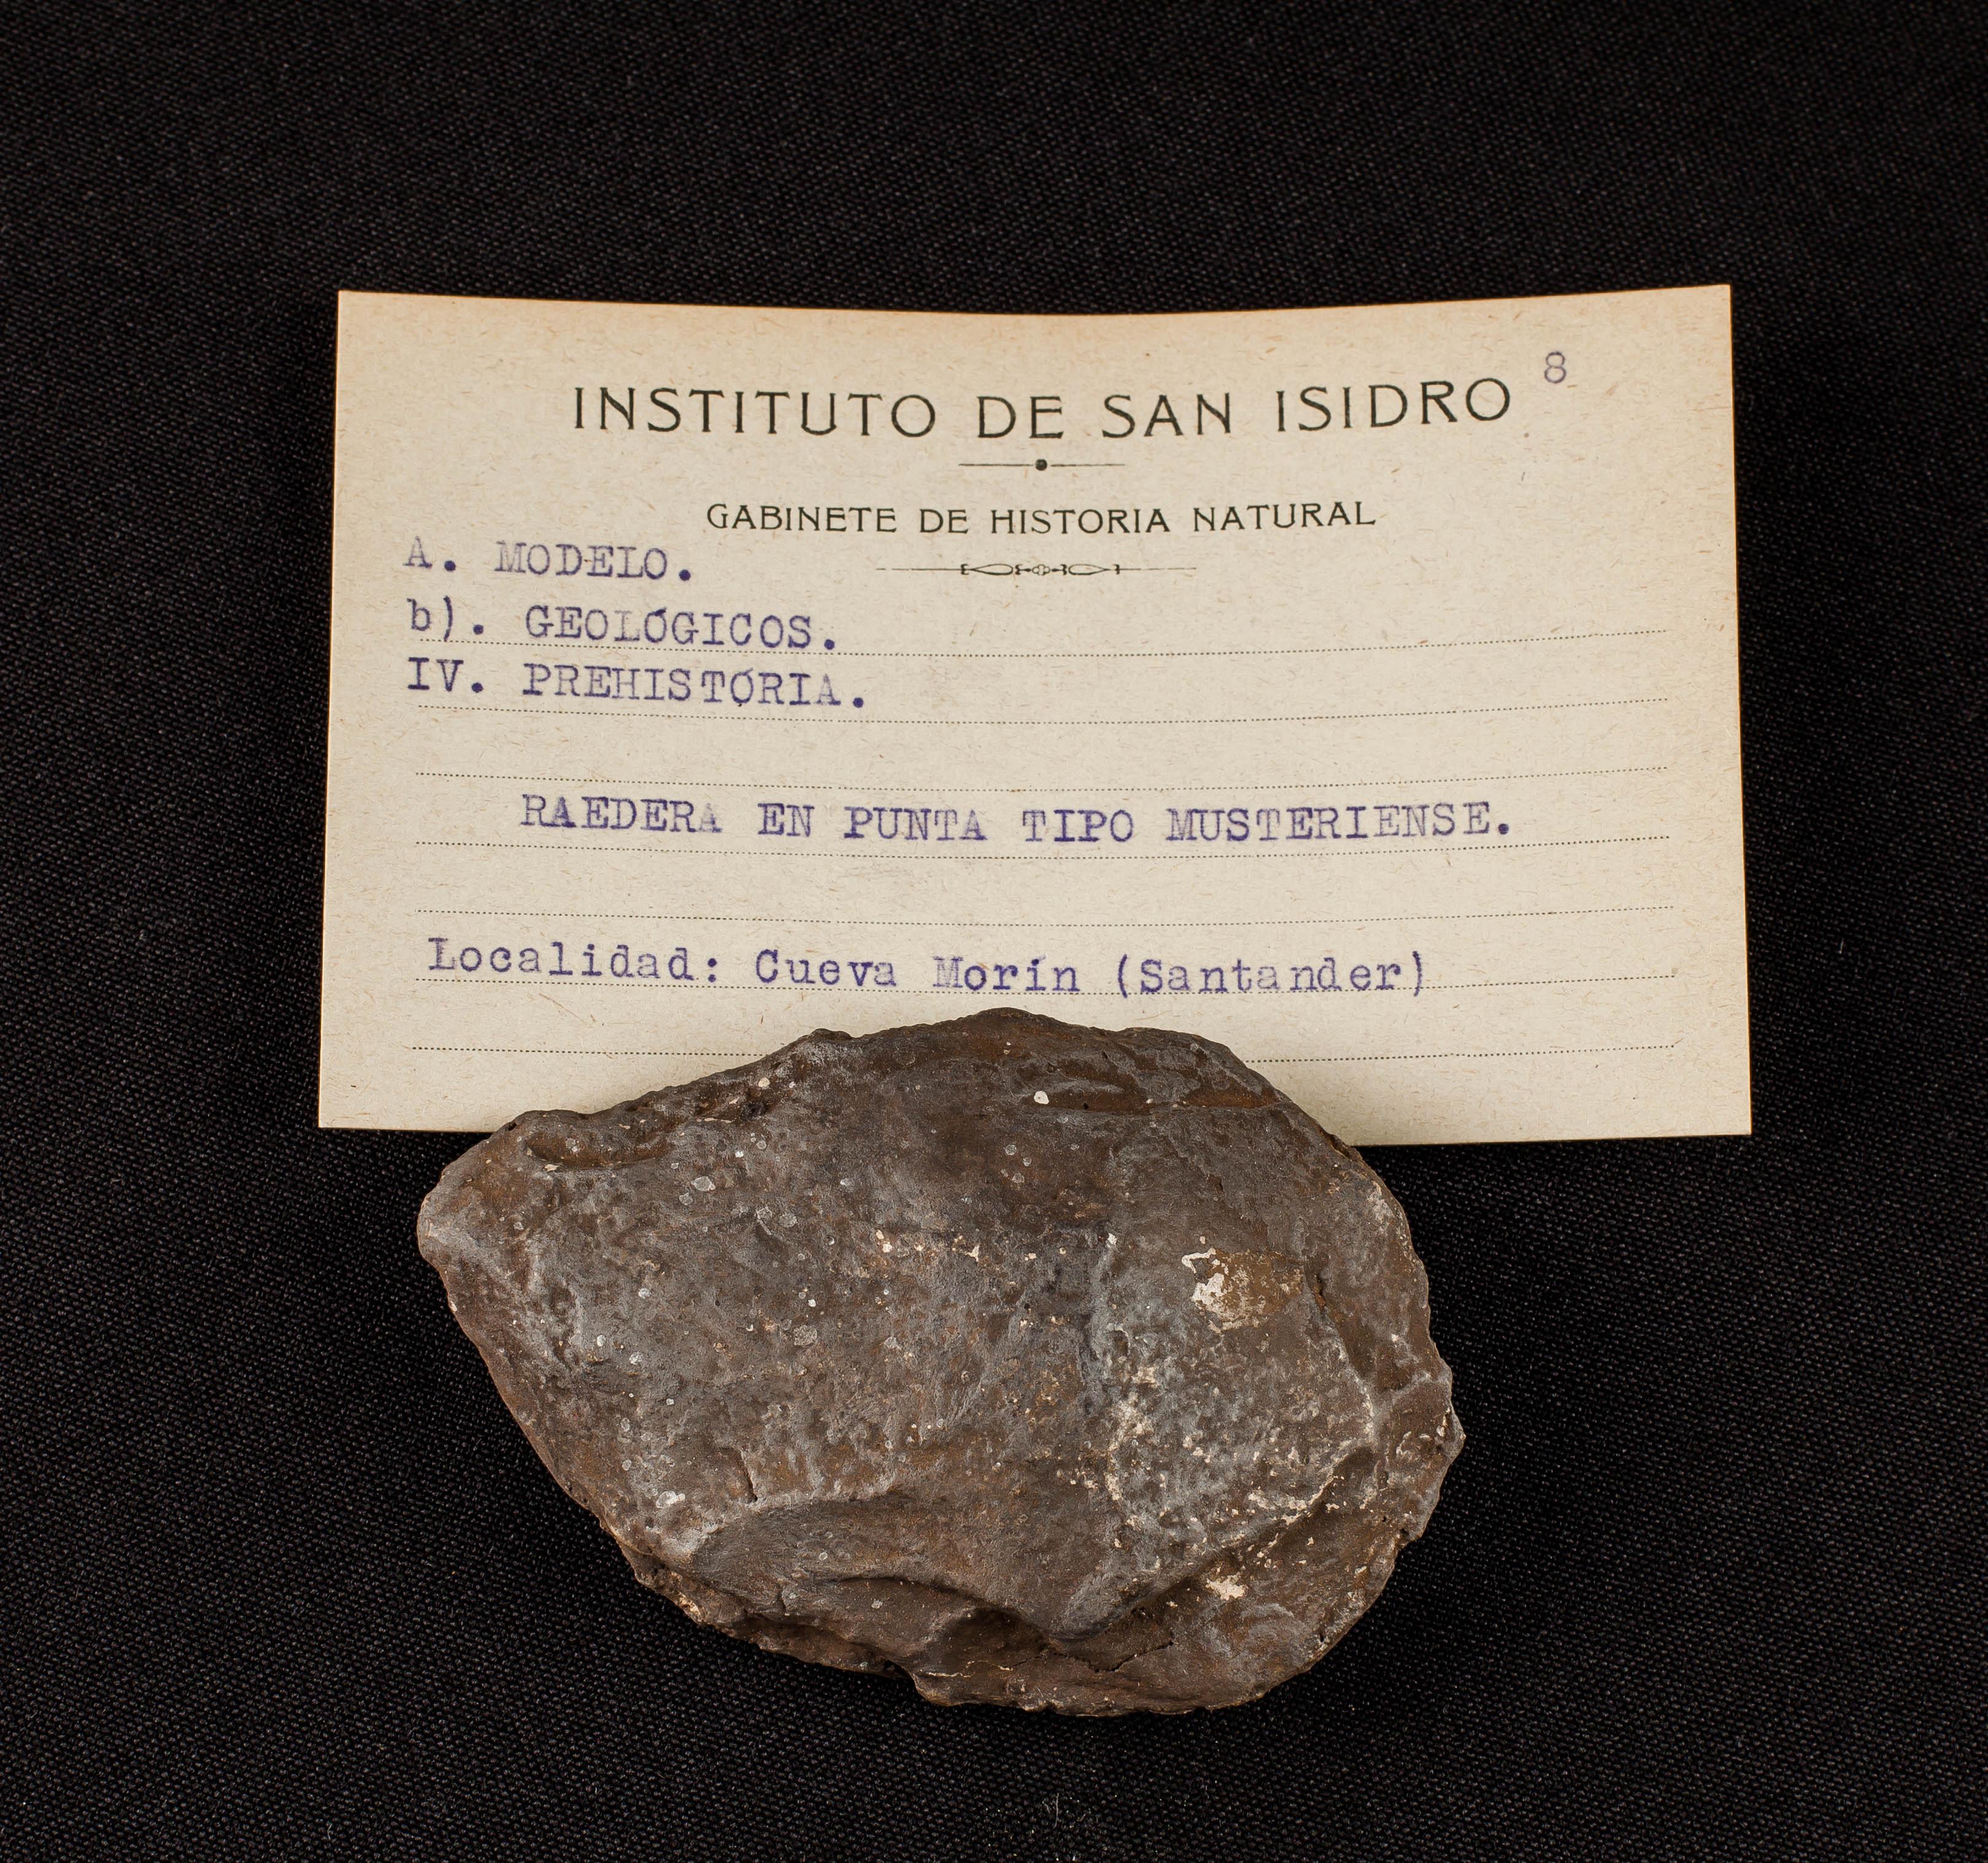 IES_SANISIDRO_MUSEO_Prehistoria_003